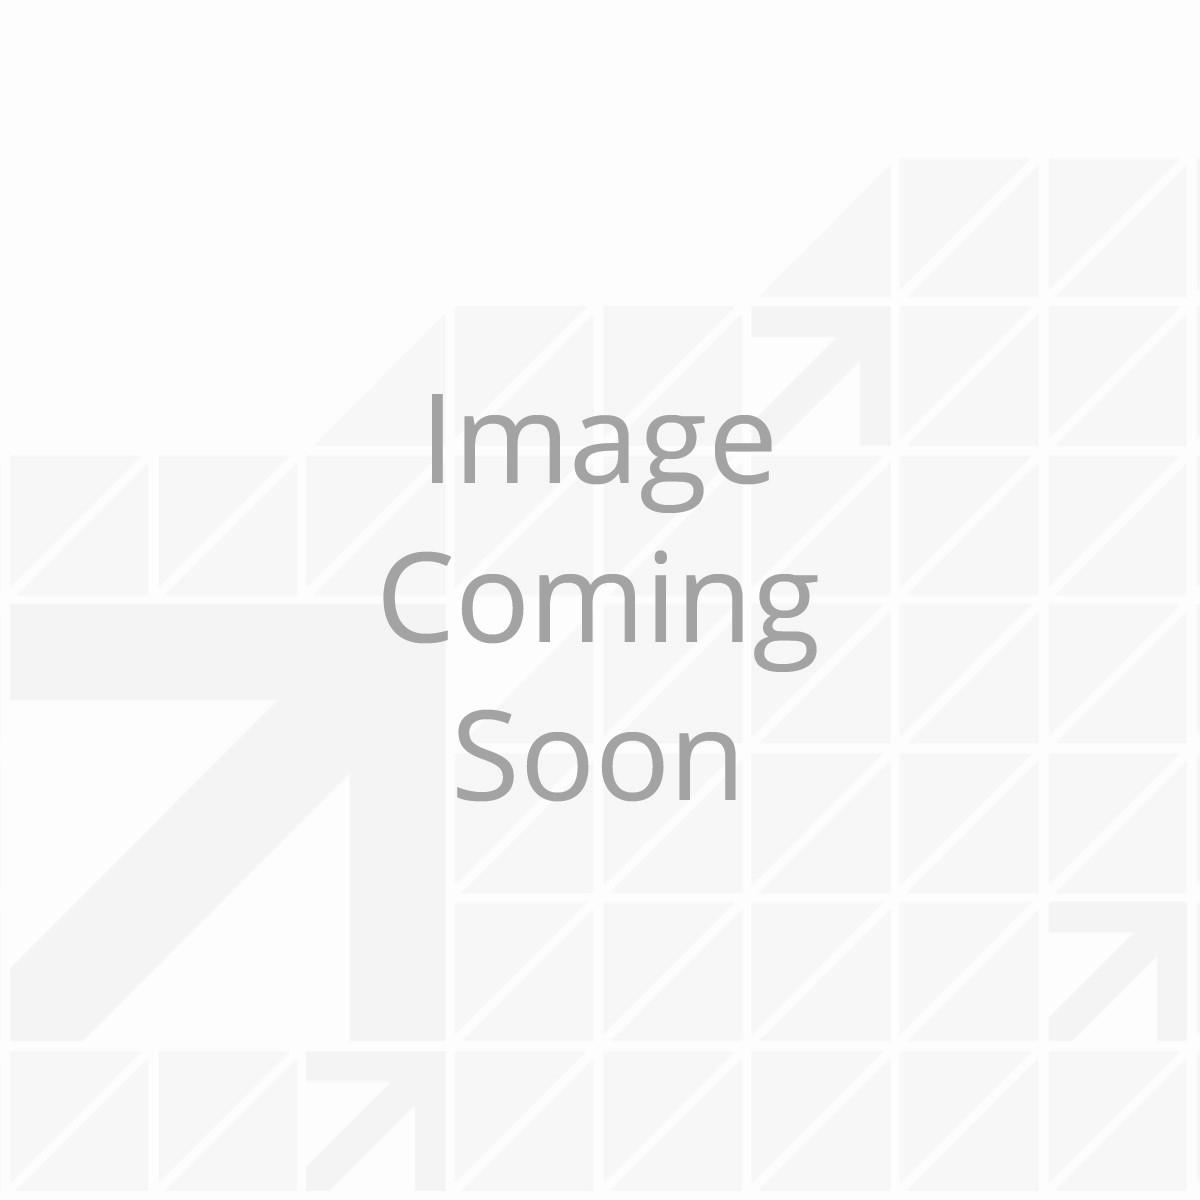 hydraulic-leveling-system-pump-gt-l-3-340-391